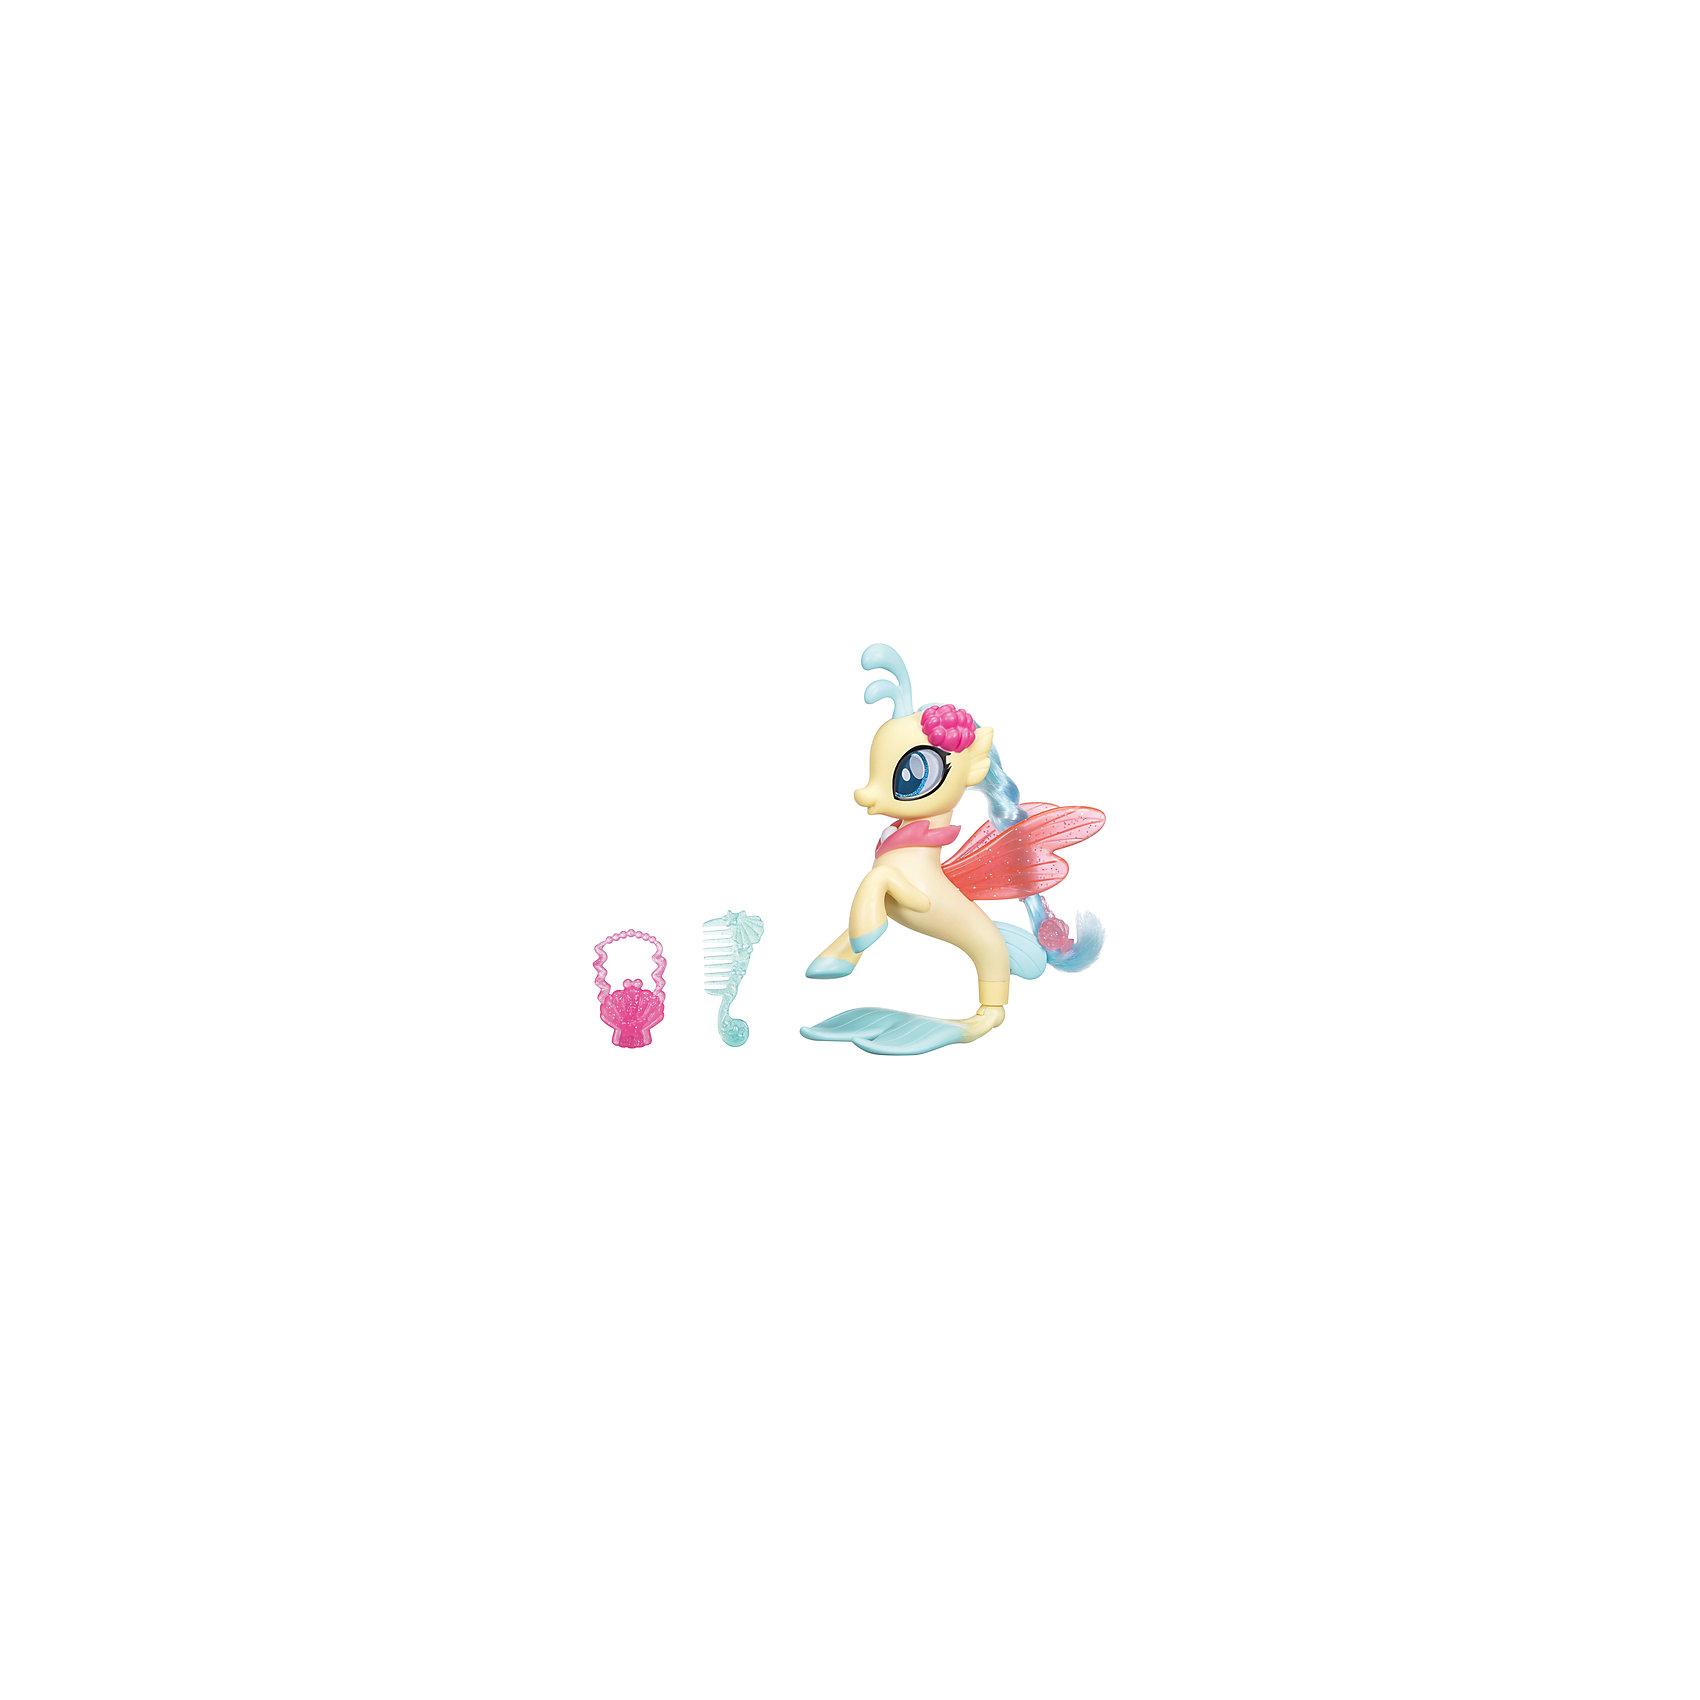 Игровой набор Hasbro My Little Pony Мерцание, Принцесса СкайстарЛюбимые герои<br>Характеристики:<br><br>• в наборе представлен персонаж из серии «Мерцание;<br>• пони-модница устойчиво стоит на подставке<br>• материал фигурки: пластик;<br>• различные аксессуары позволяют разнообразить игру;<br>• фигурки можно использовать в комбинации с различными игровыми наборами MLP.<br><br><br>MLP Мерцание пони-модницы можно купить в нашем интернет-магазине.<br><br>Ширина мм: 9999<br>Глубина мм: 9999<br>Высота мм: 9999<br>Вес г: 9999<br>Возраст от месяцев: 36<br>Возраст до месяцев: 120<br>Пол: Женский<br>Возраст: Детский<br>SKU: 7097986